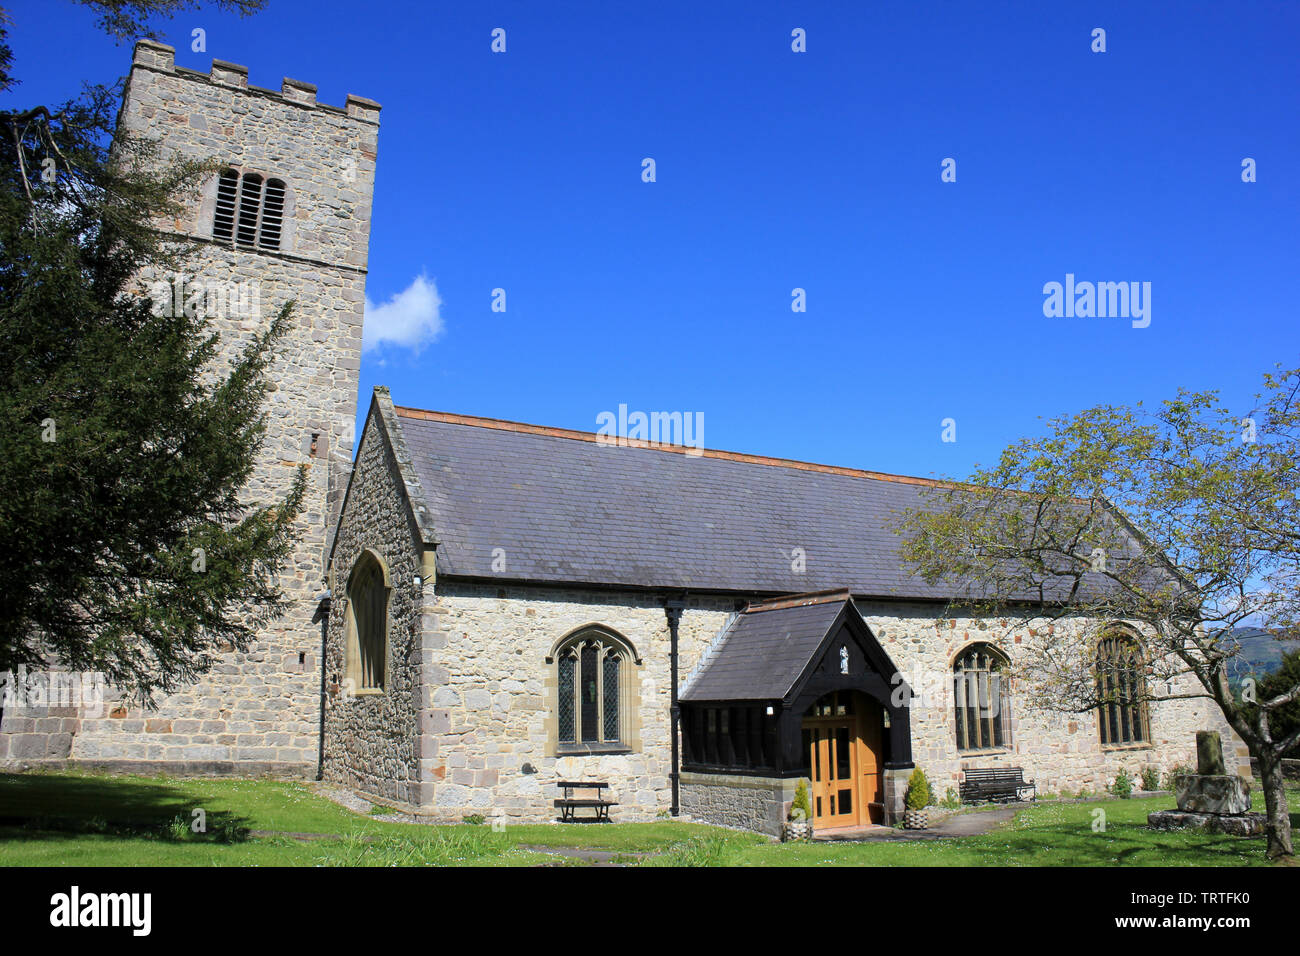 Church of St. Mary and St. Cynfarch, Llanfair Dyffryn Clwyd, nr Ruthin, Denbighshire, Wales - Stock Image